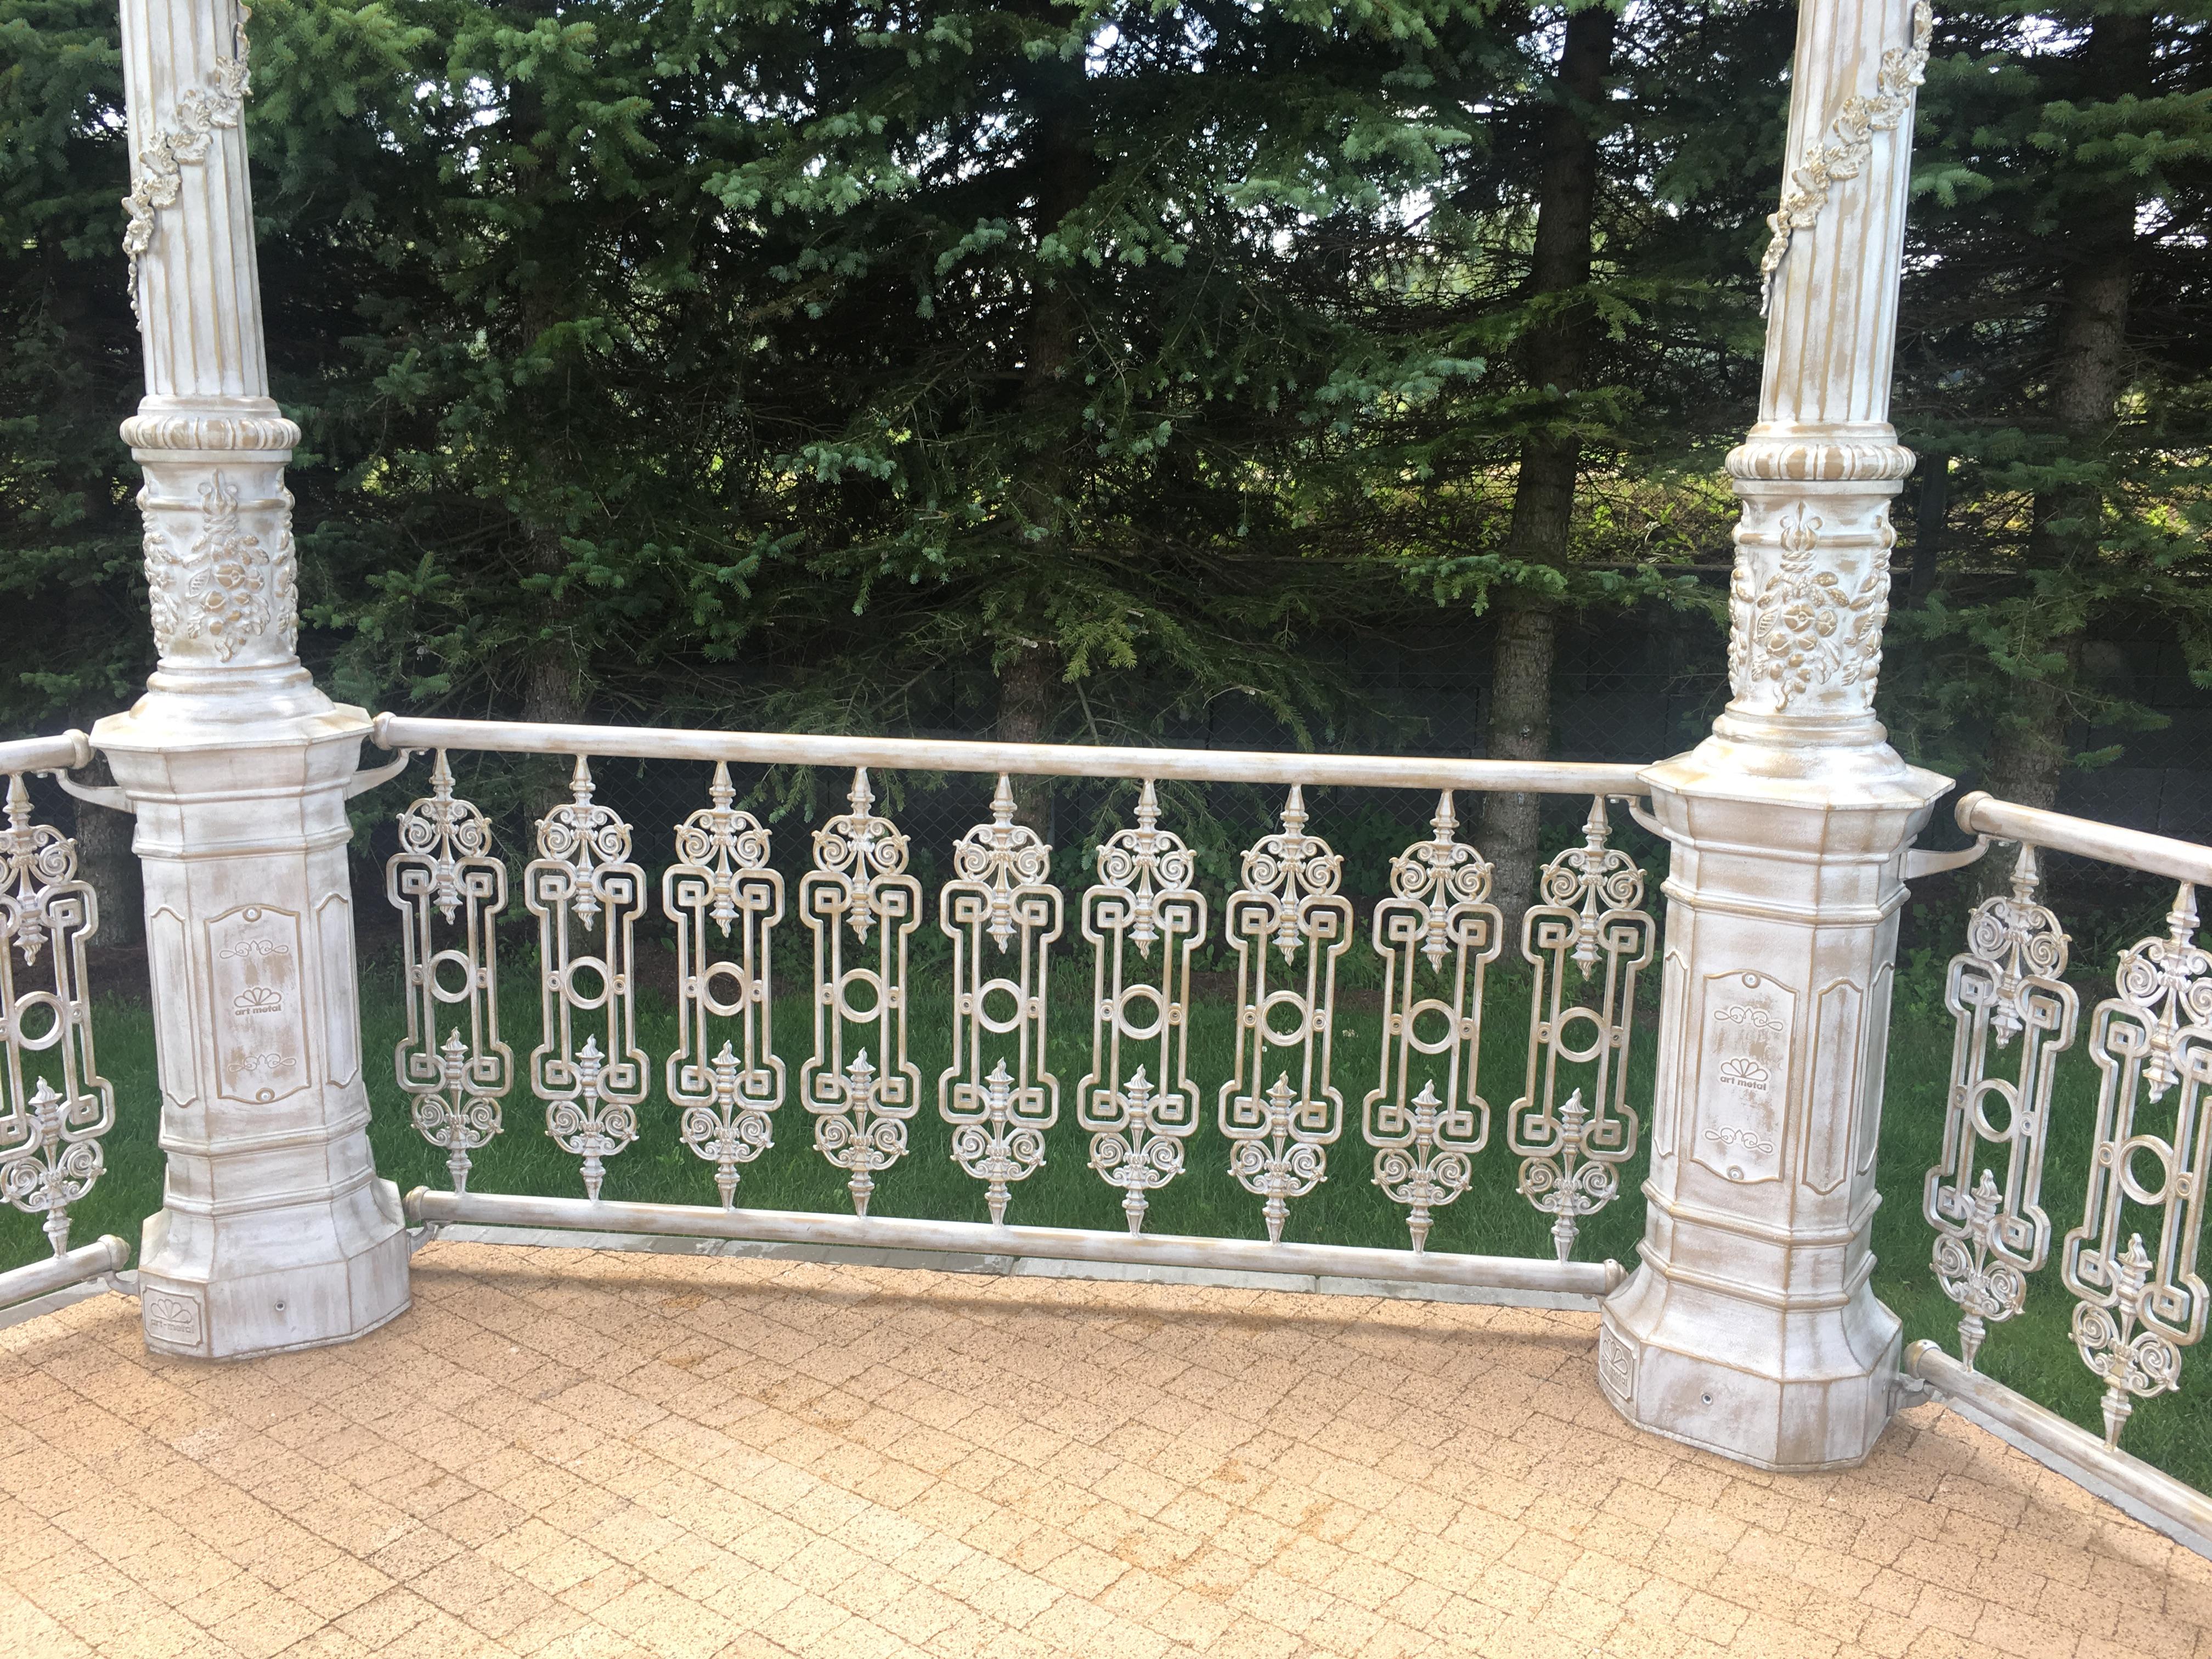 Altana ogrodowa AL1 sześciokątna z ozdobną balustradą.